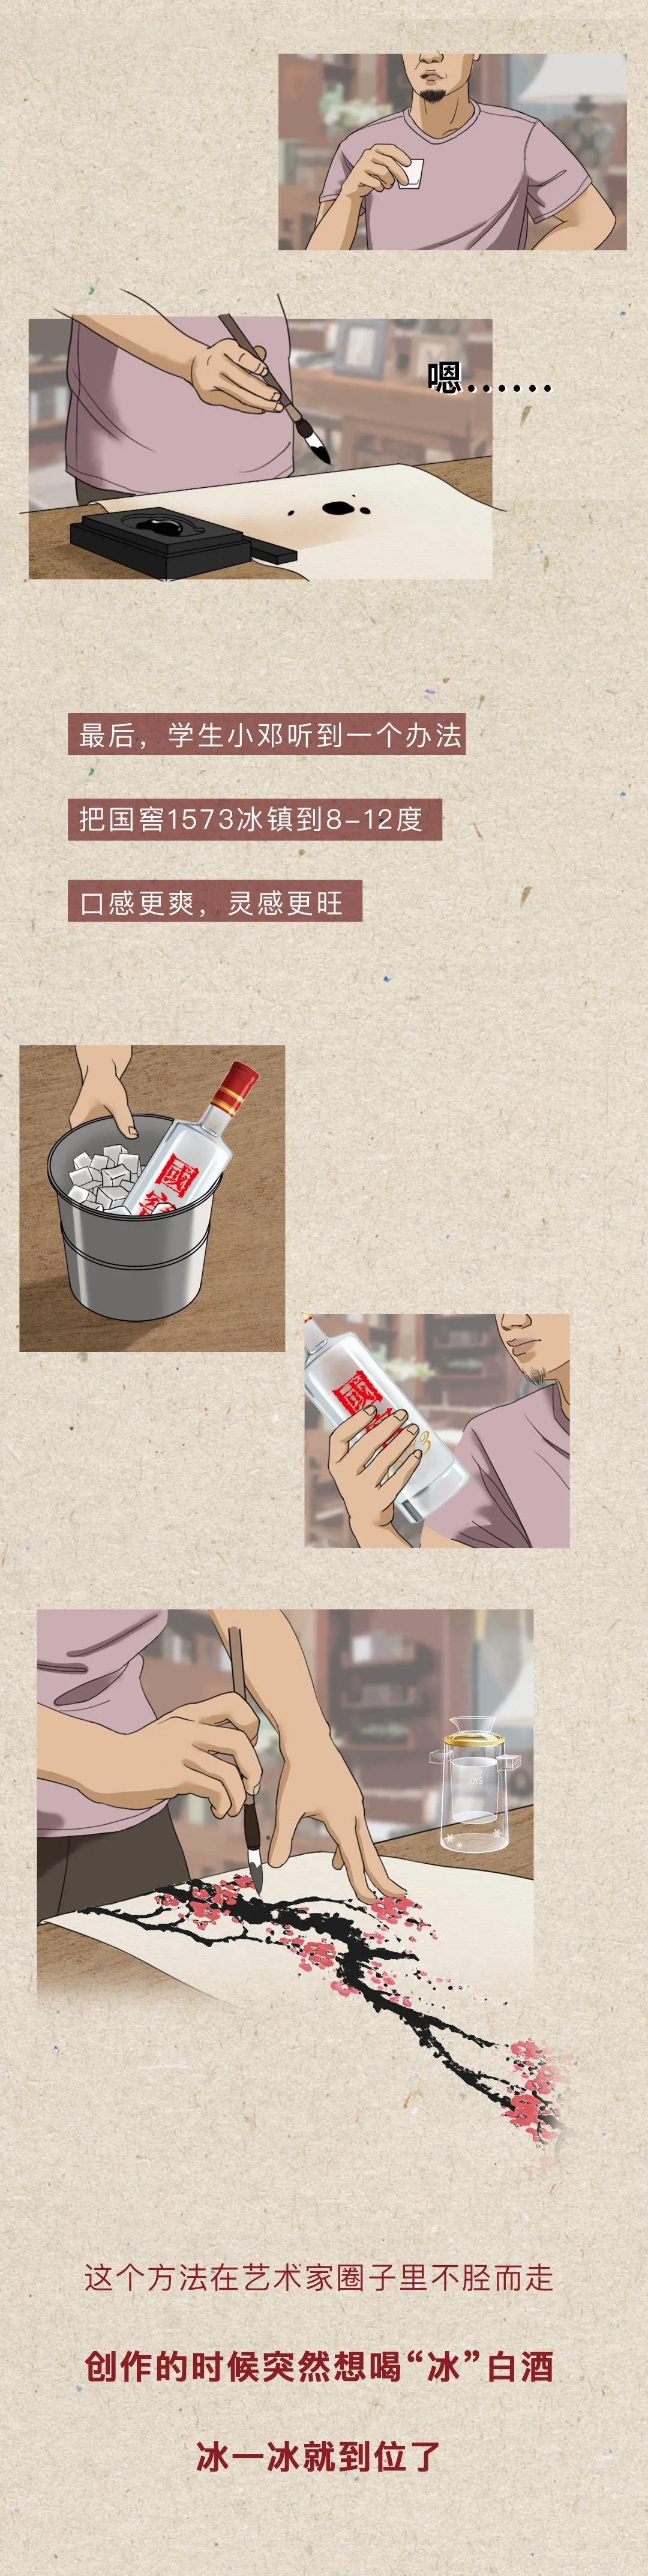 今夏酒友圈的入圈密语:白酒冰一冰!